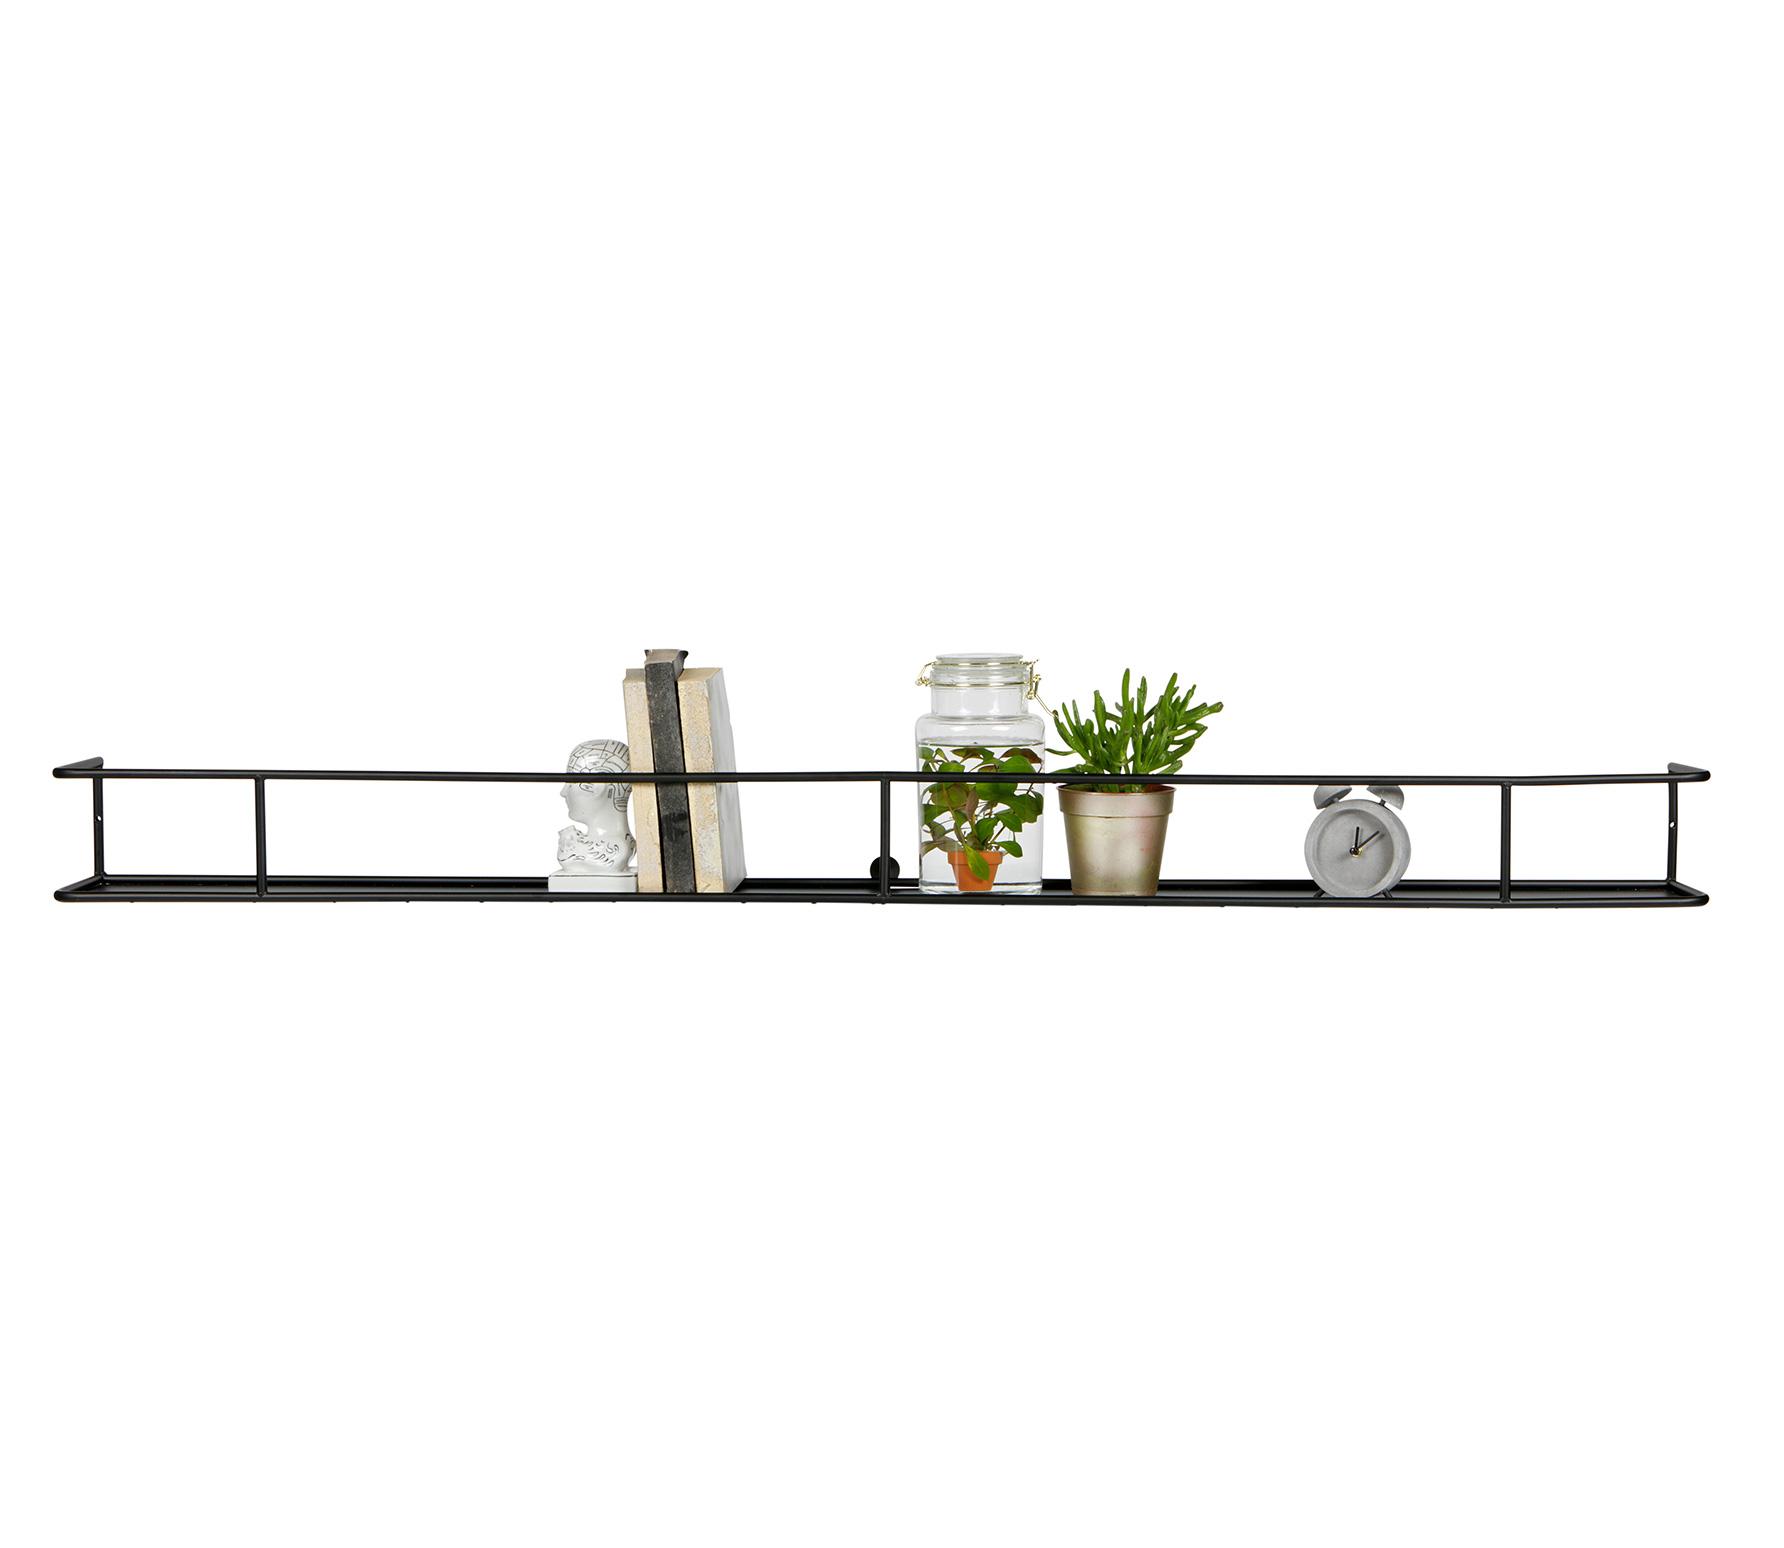 Wandplank Zwart Metaal.Aanbieding Vtwonen Wandplank Metaal 120 Cm Zwart Vtwonen Met Korting